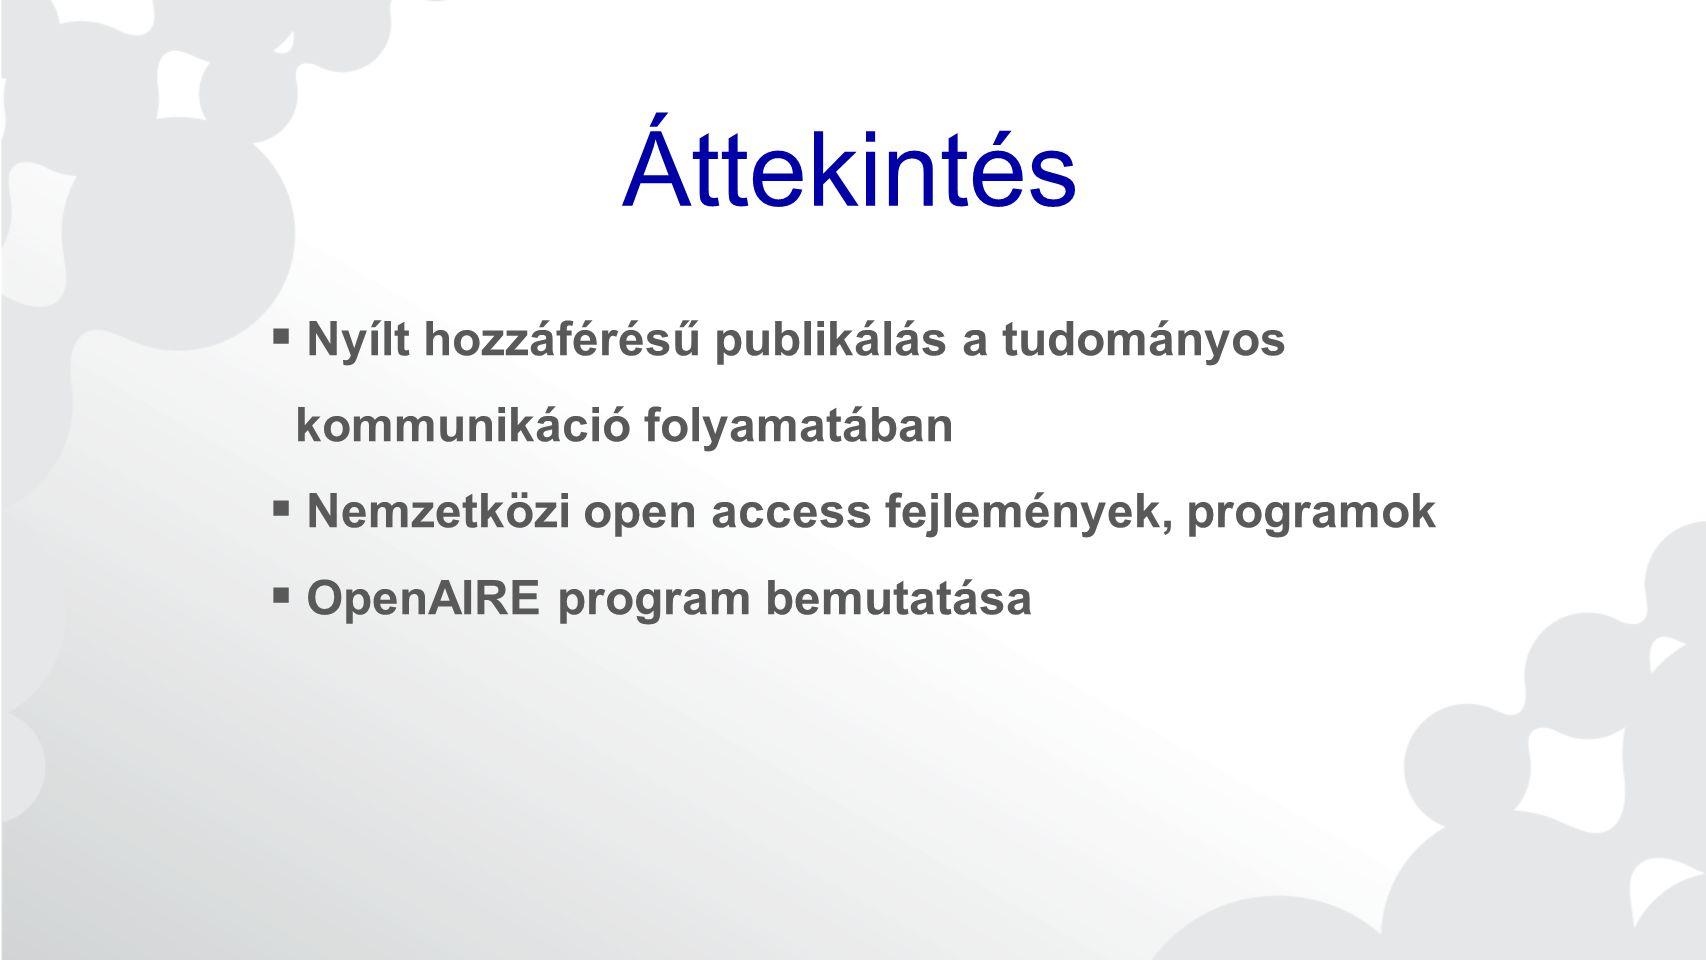 Áttekintés Nyílt hozzáférésű publikálás a tudományos kommunikáció folyamatában. Nemzetközi open access fejlemények, programok.